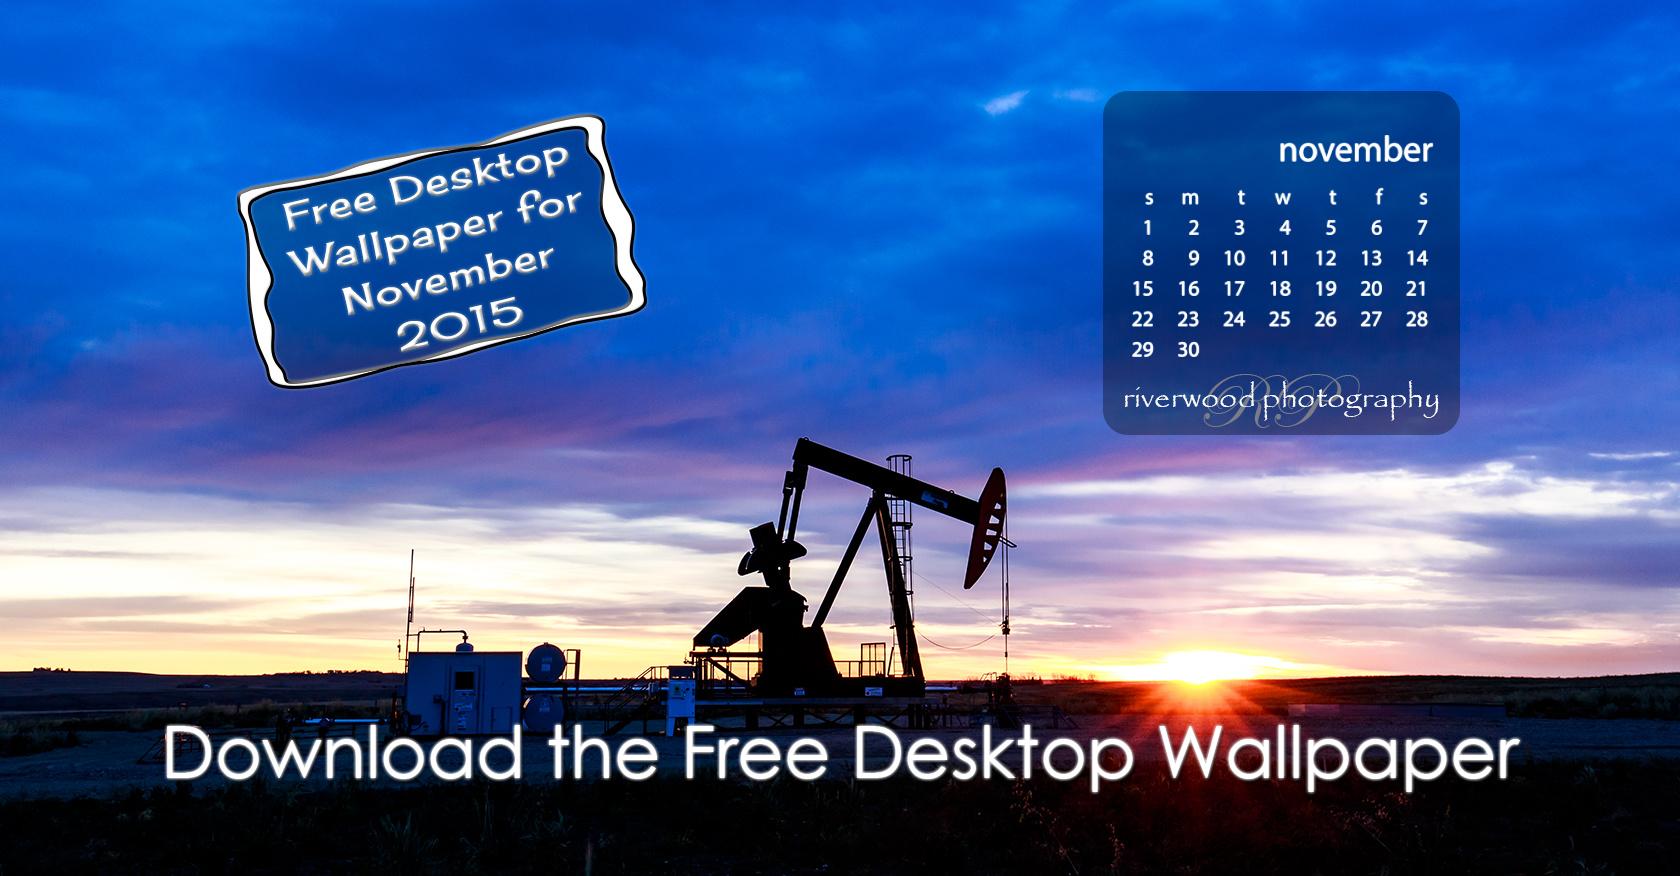 Free Desktop Wallpaper Calendar for November 2015